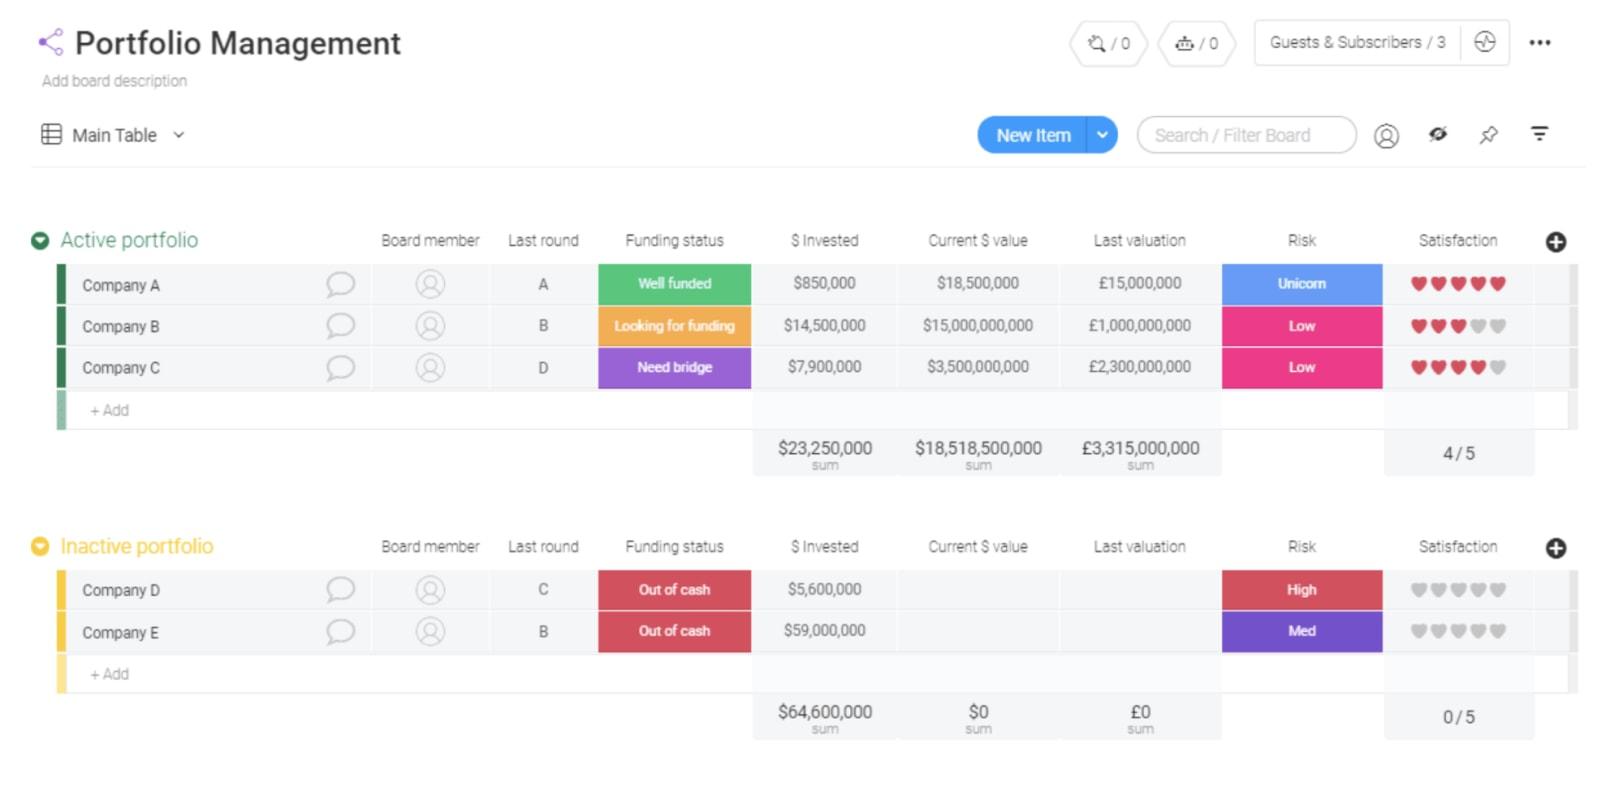 monday.com screenshot showing Portfolio Management template